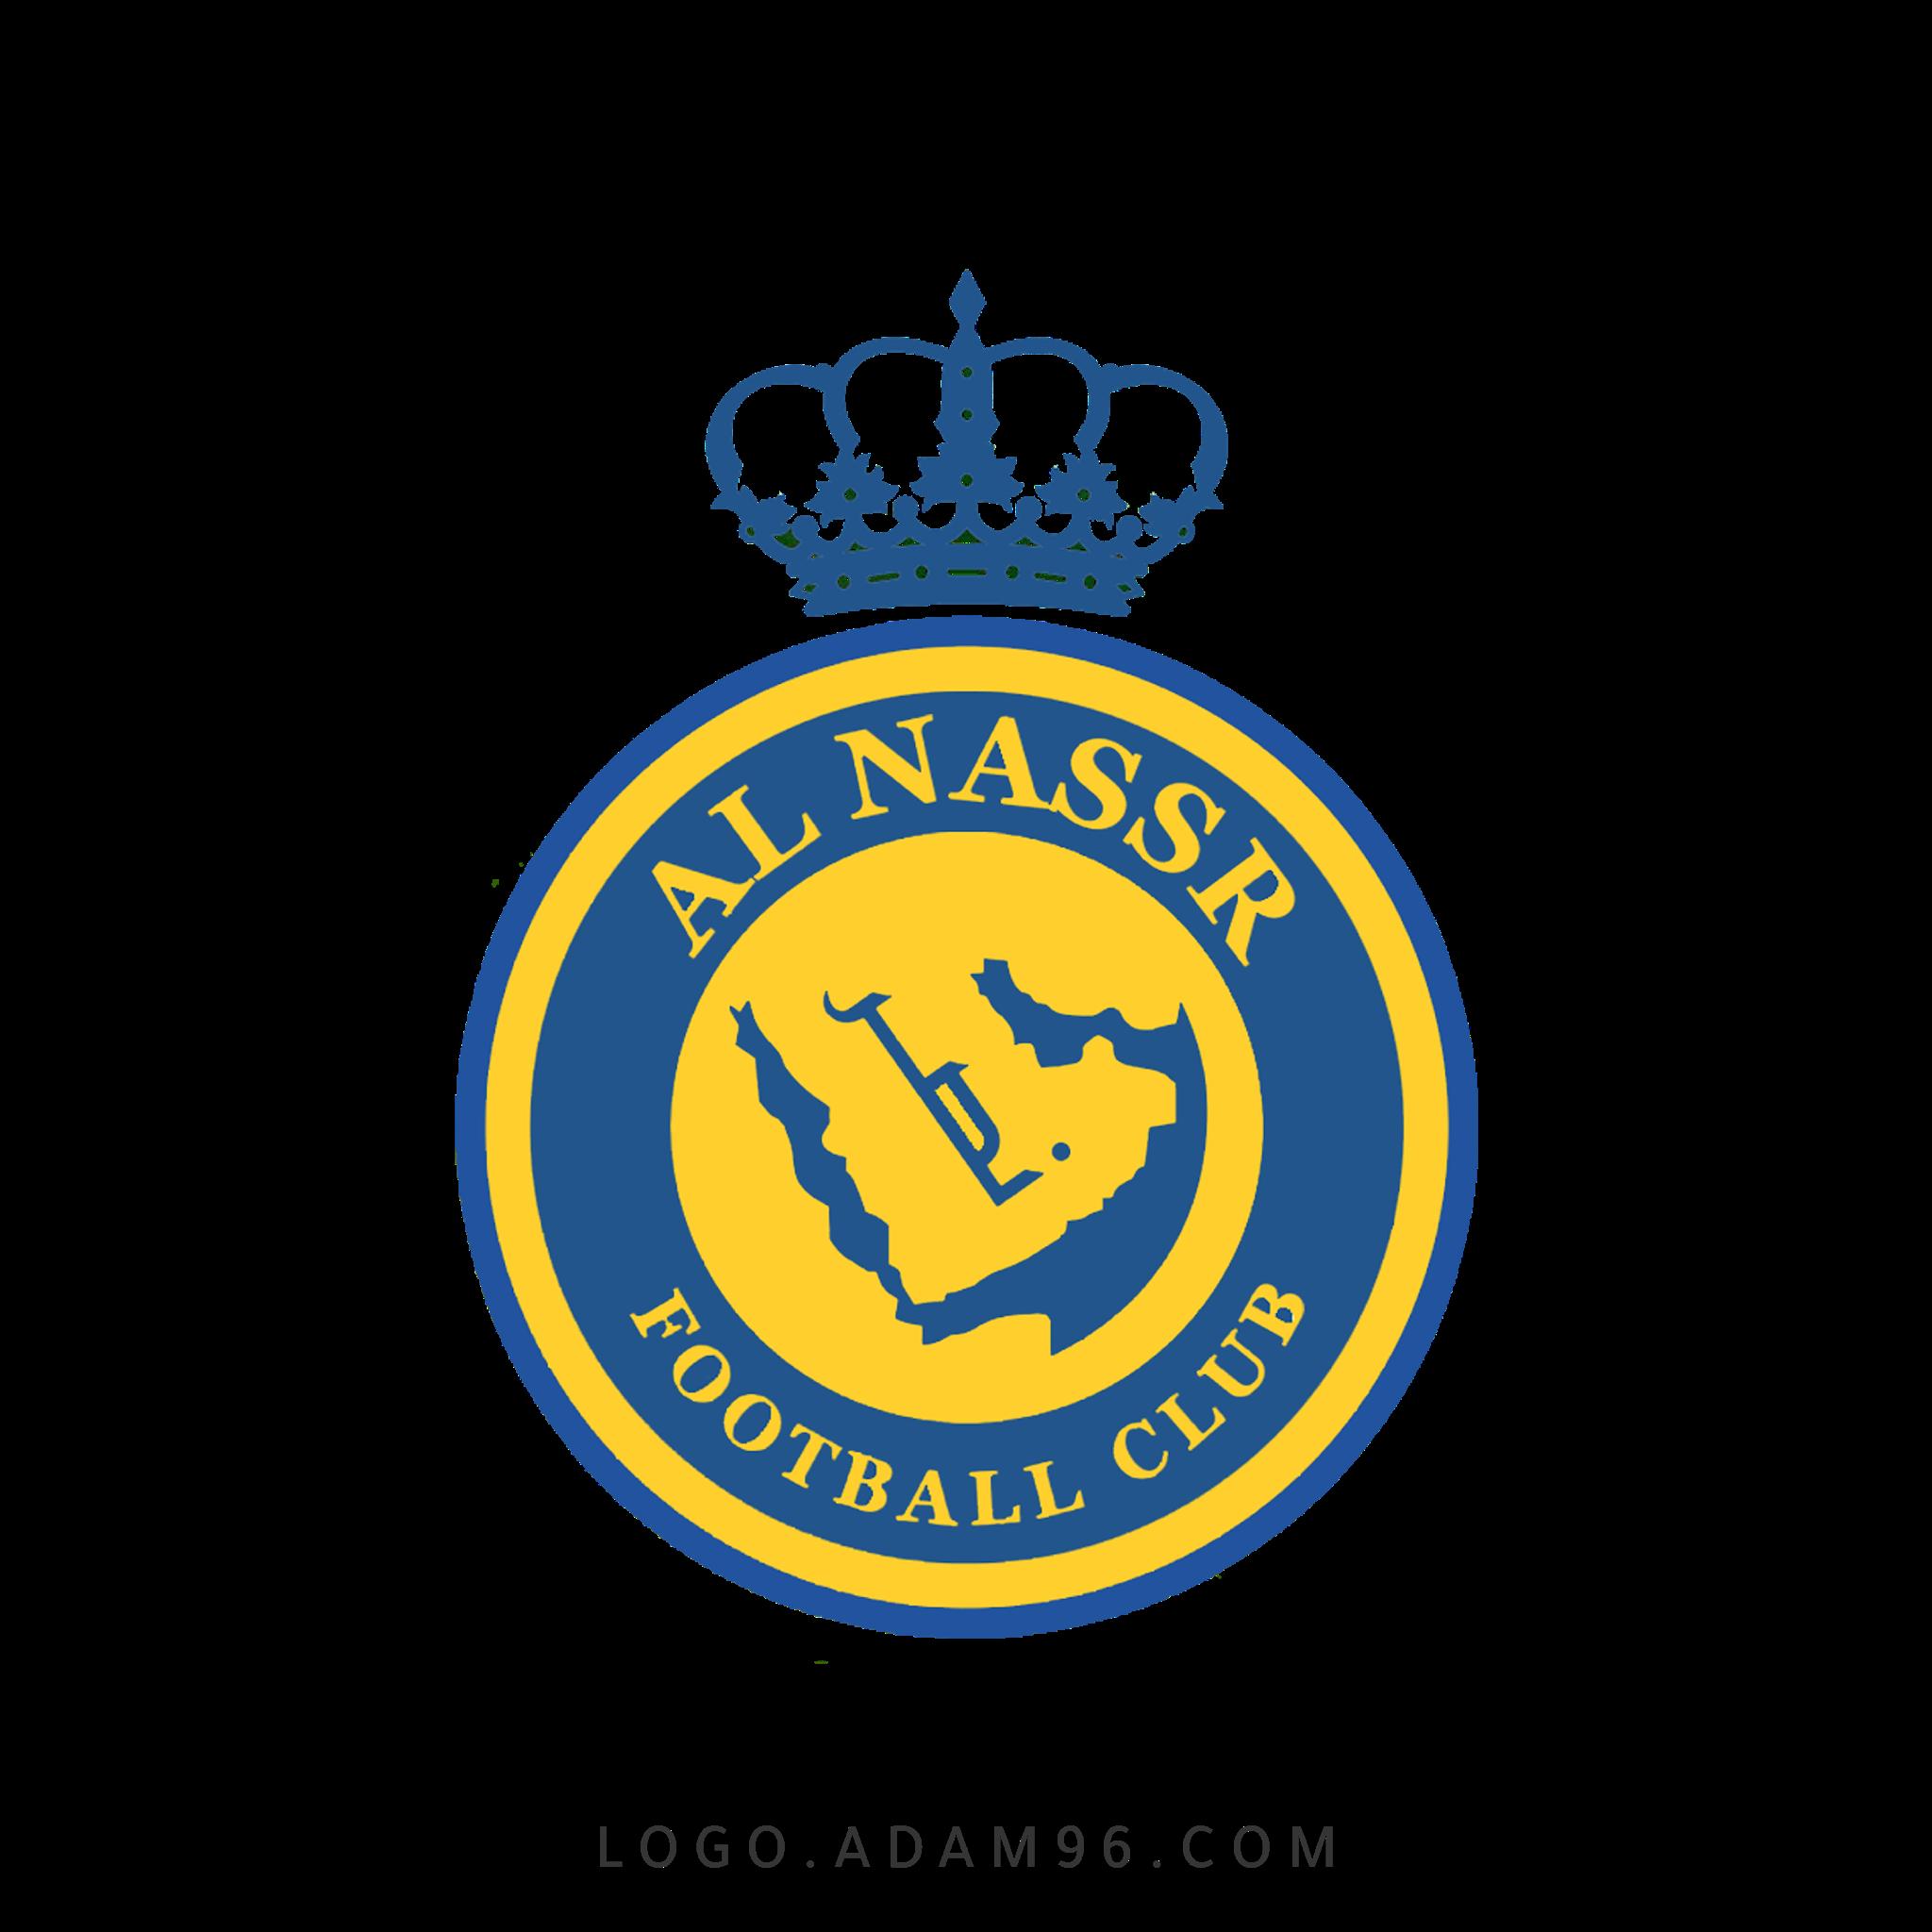 تحميل شعار نادي نصر السعودي لوجو رسمي عالي الدقة بصيغة PNG